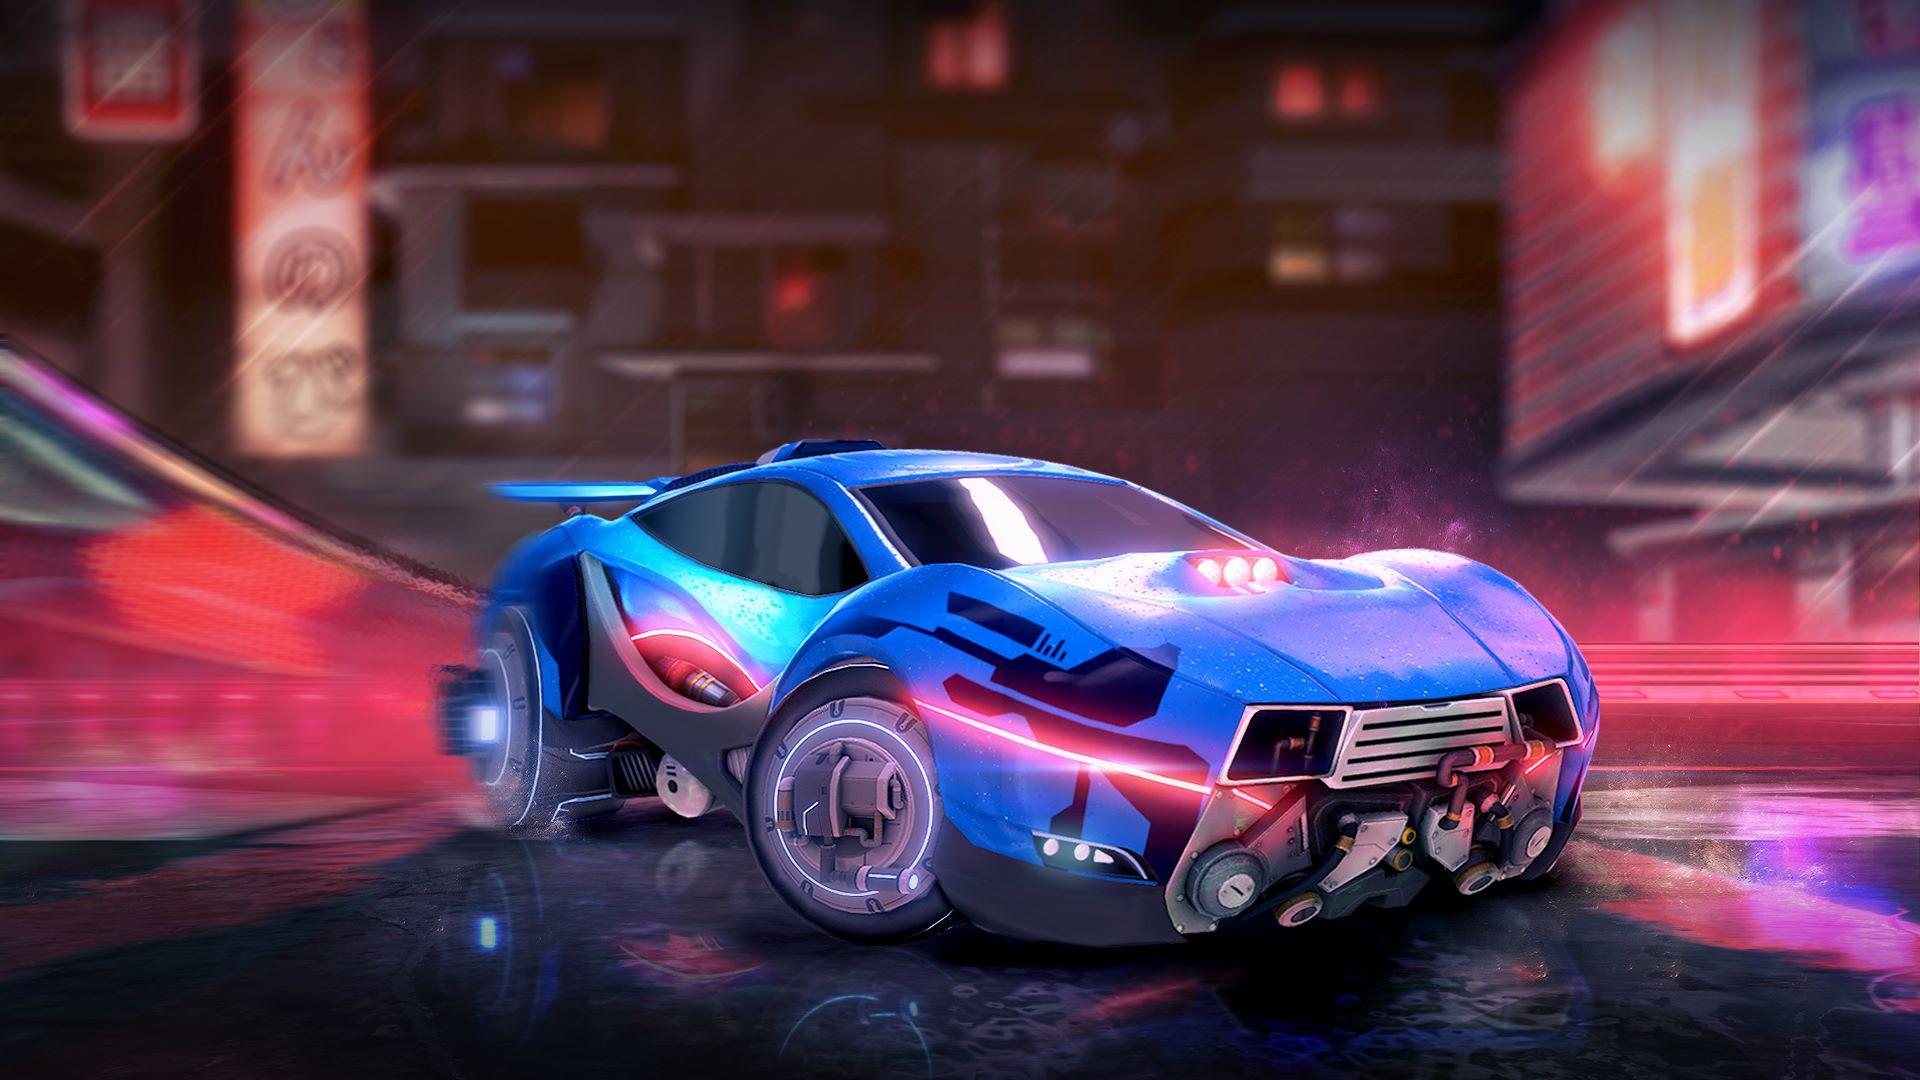 Rocket League Masamune Best Car